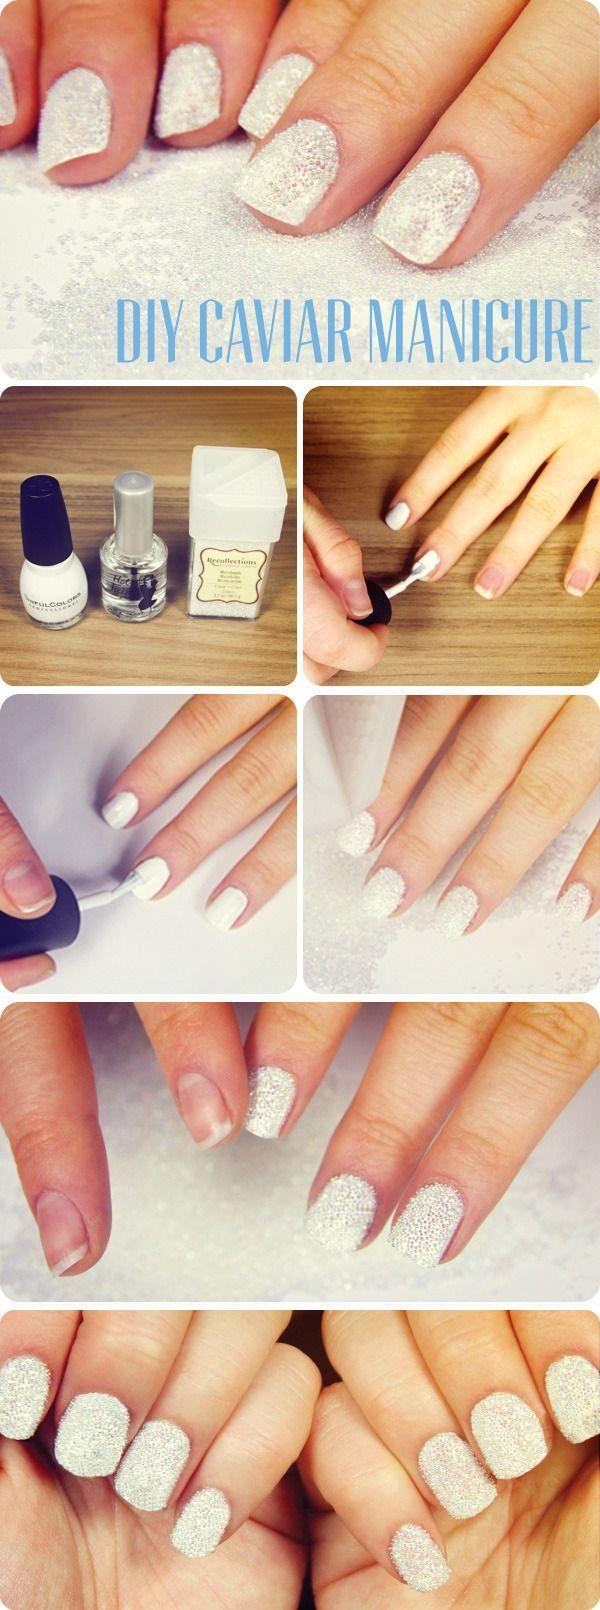 DIY glitter caviare manicure